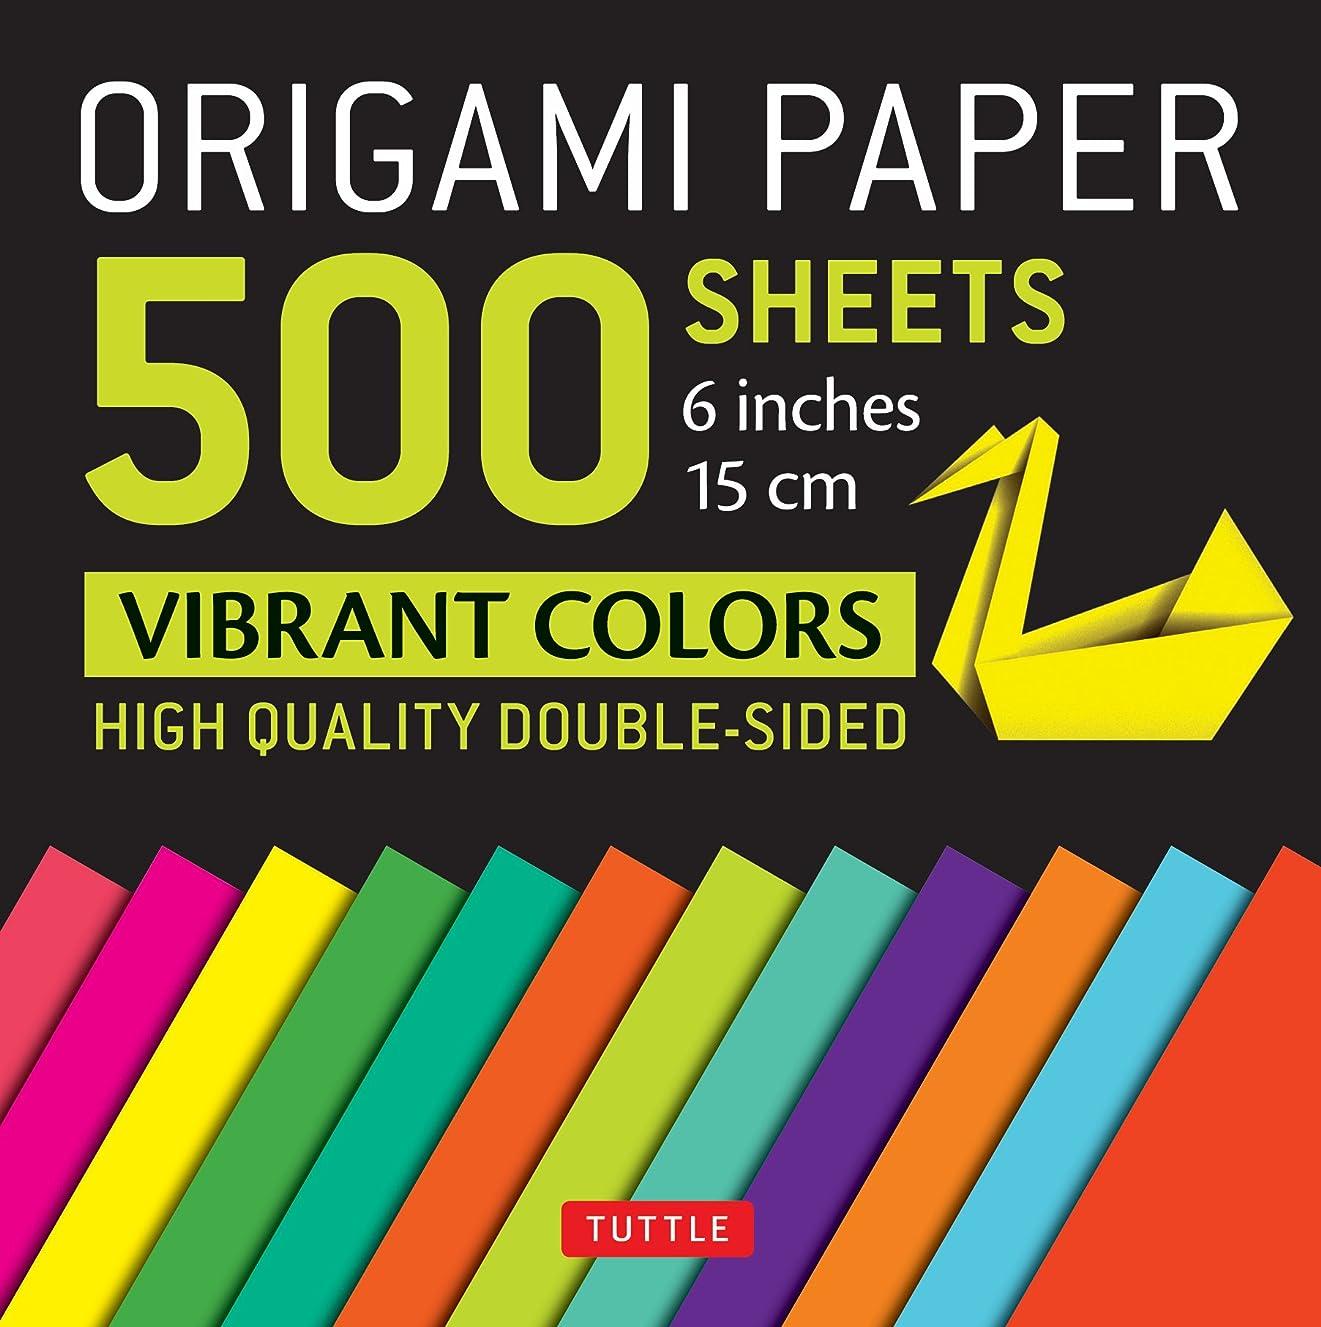 Origami Paper 500 sheets Vibrant Colors 6